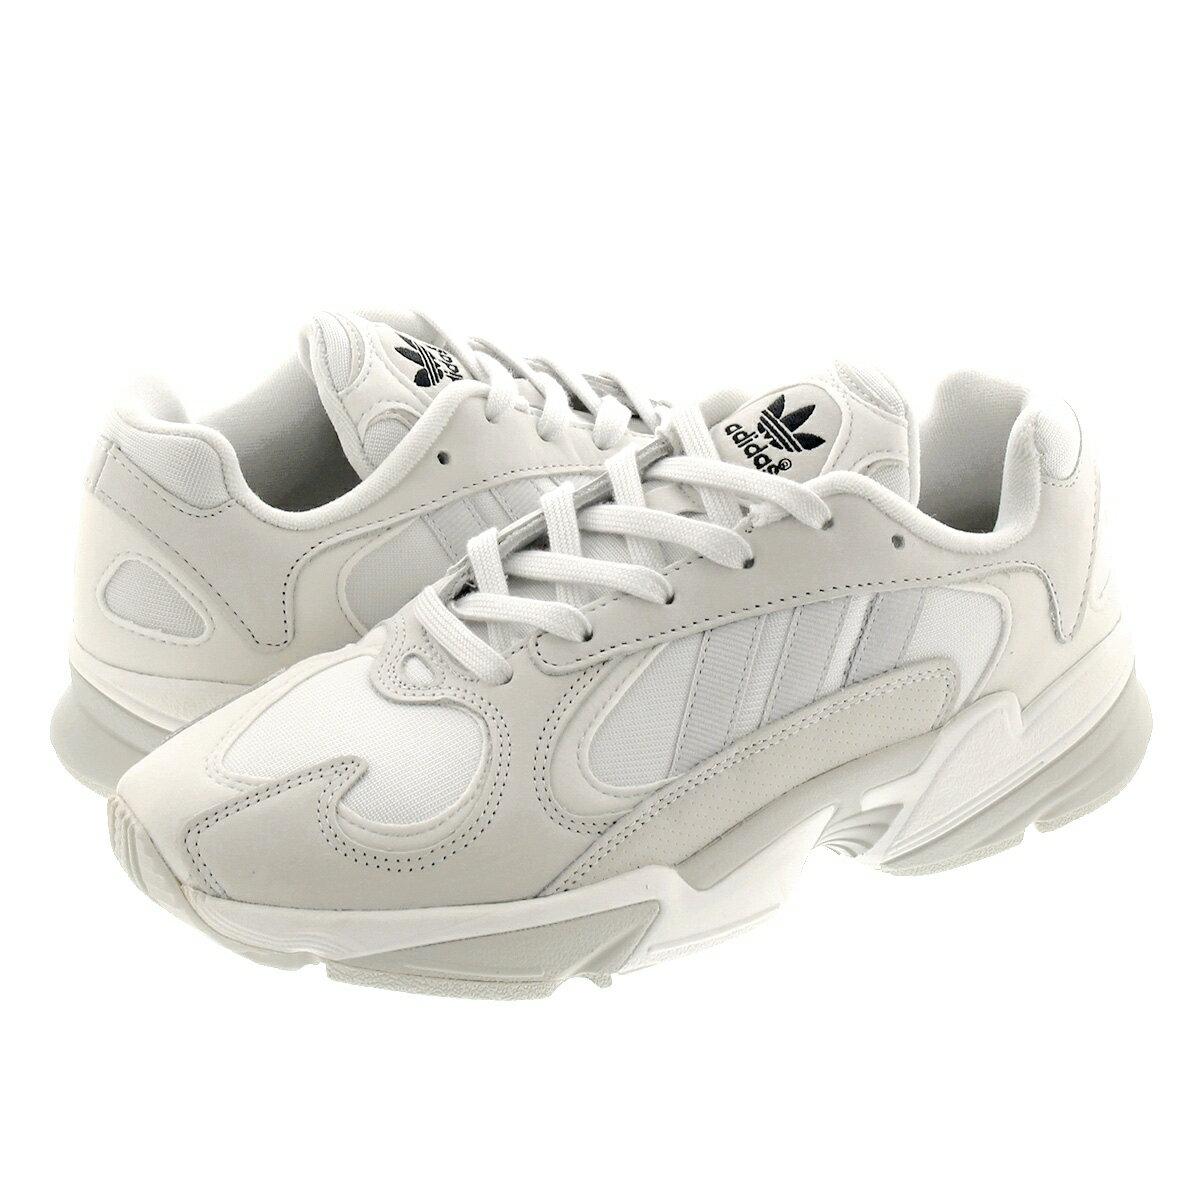 メンズ靴, スニーカー  adidas YUNG-1 1 CRYSTAL WHITEGREY ONECORE BLACK ee5319